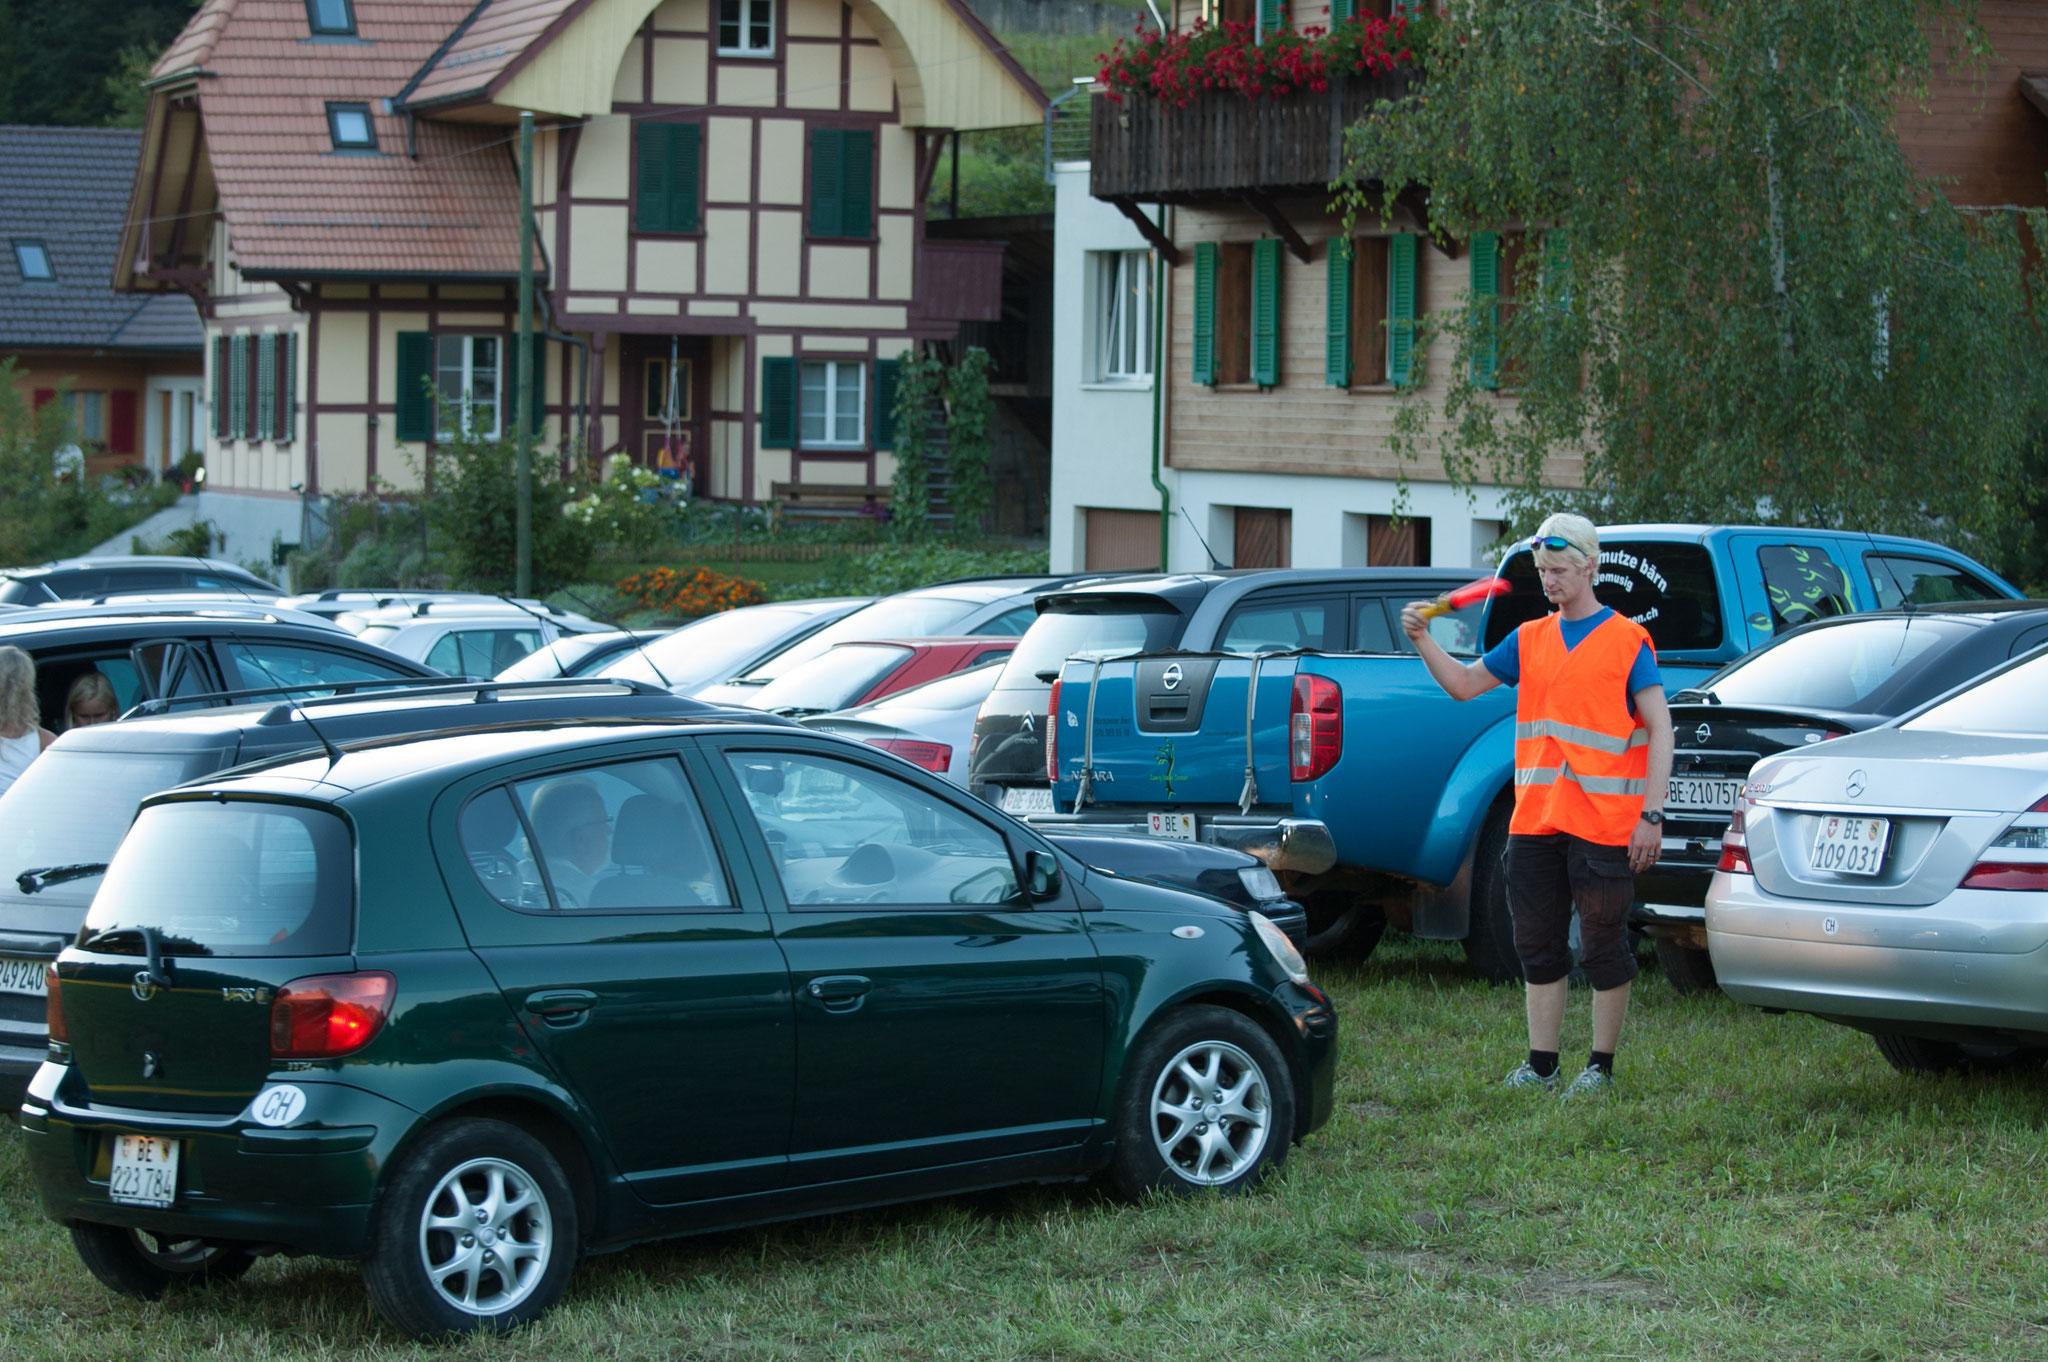 Am Freitag sind die Parkeinweiser gefordert, damit alle einen Platz finden